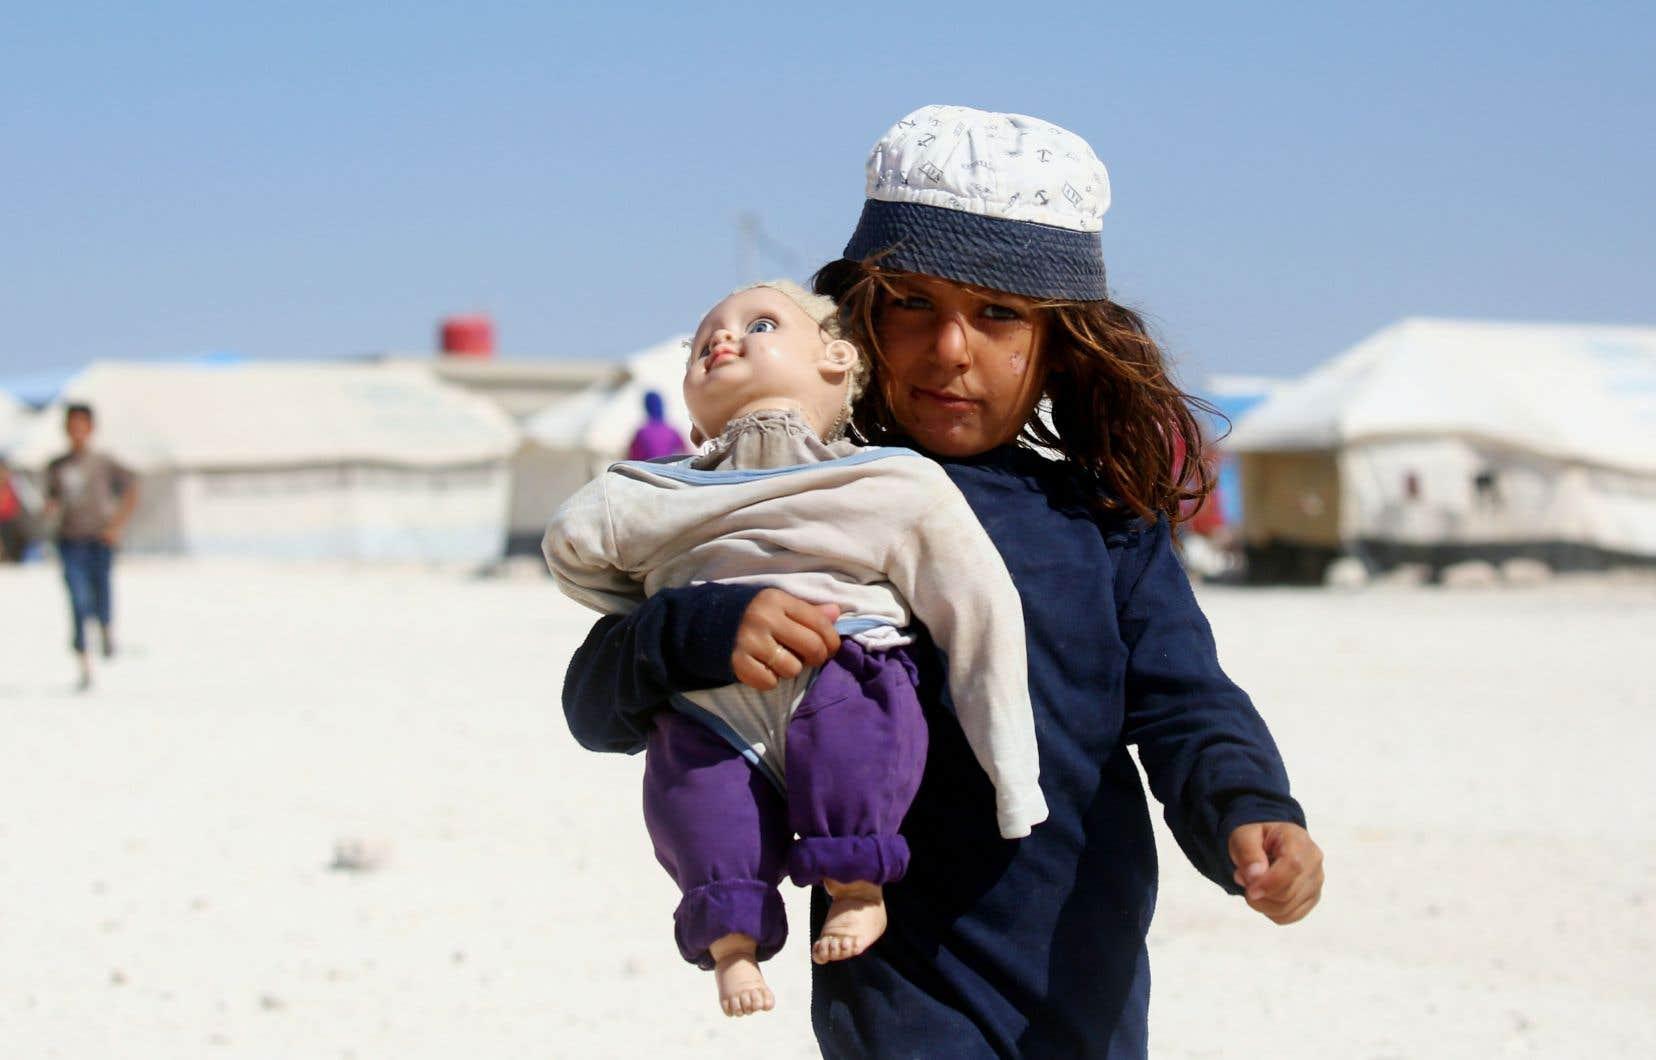 Une jeune syrienne dans un camp de réfugiés. Des milliers de personnes ayant fui la guerre, la faim ou la persécution attendent que le Canada les accueille.